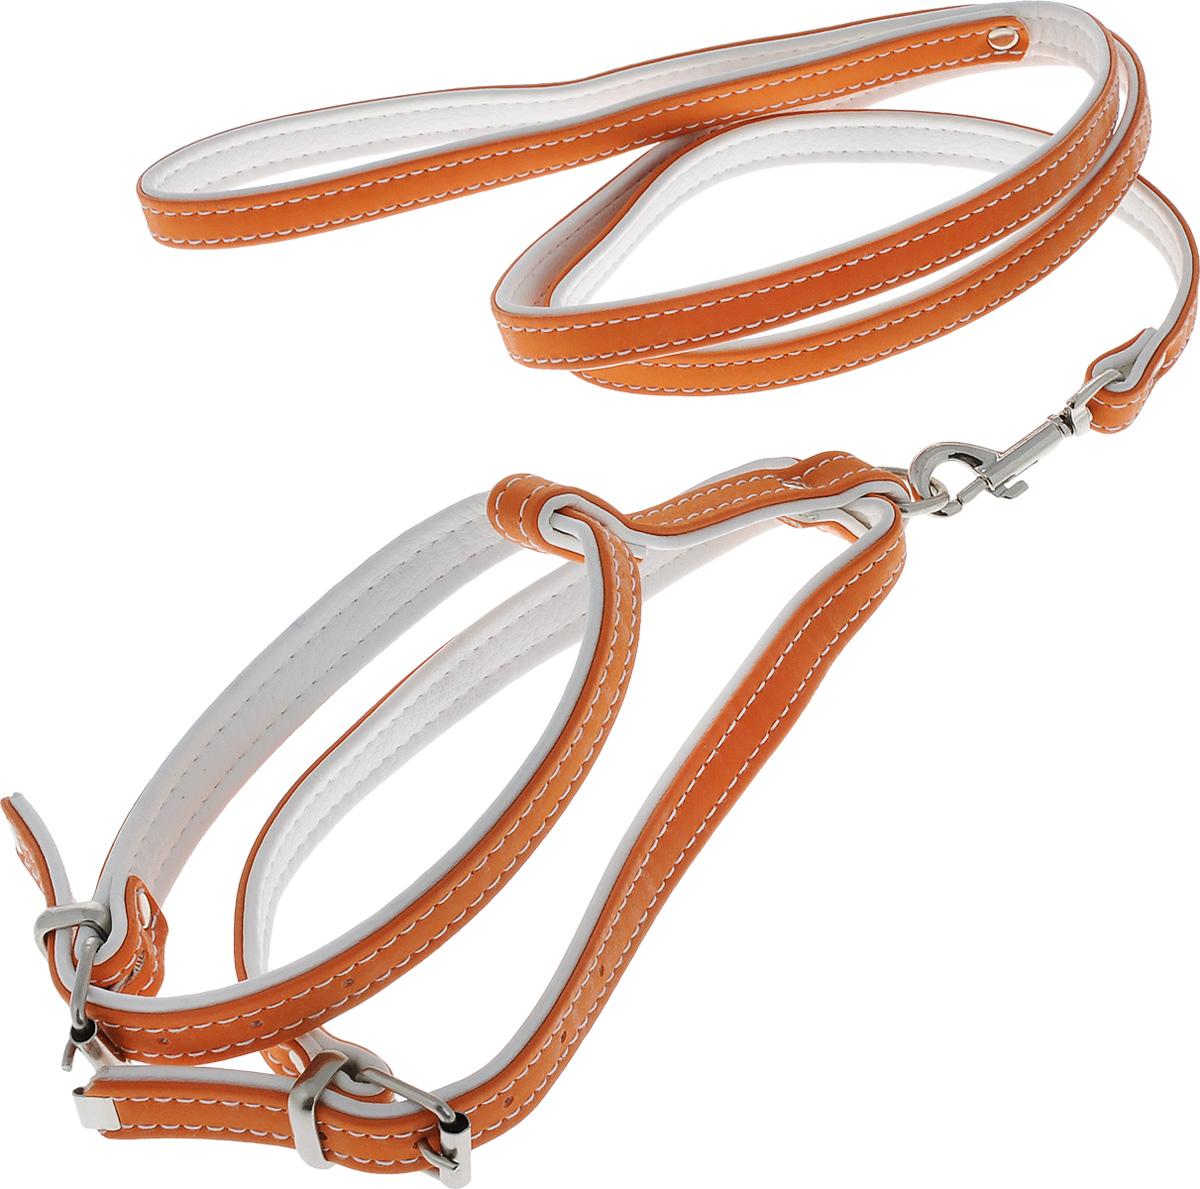 Комплект для животных Аркон Техно, цвет: оранжевый, белый, 2 предмета. кт150120710Комплект для животных Аркон Техно состоит из шлейки и поводка. Изделия изготовлены из искусственной кожи, фурнитура - из сверхпрочных сплавов металла. Надежная конструкция обеспечит вашему четвероногому другу комфортную и безопасную прогулку.Такой комплект подходит как для кошек, так и для мелких пород собак. Длина поводка: 1,1 м.Ширина поводка: 1,4 см.Обхват шеи: 27 - 33 см. Обхват груди: 37 - 44 см.Длина спинки: 11 см.Ширина ремней: 1,5 см; 1,6 см.